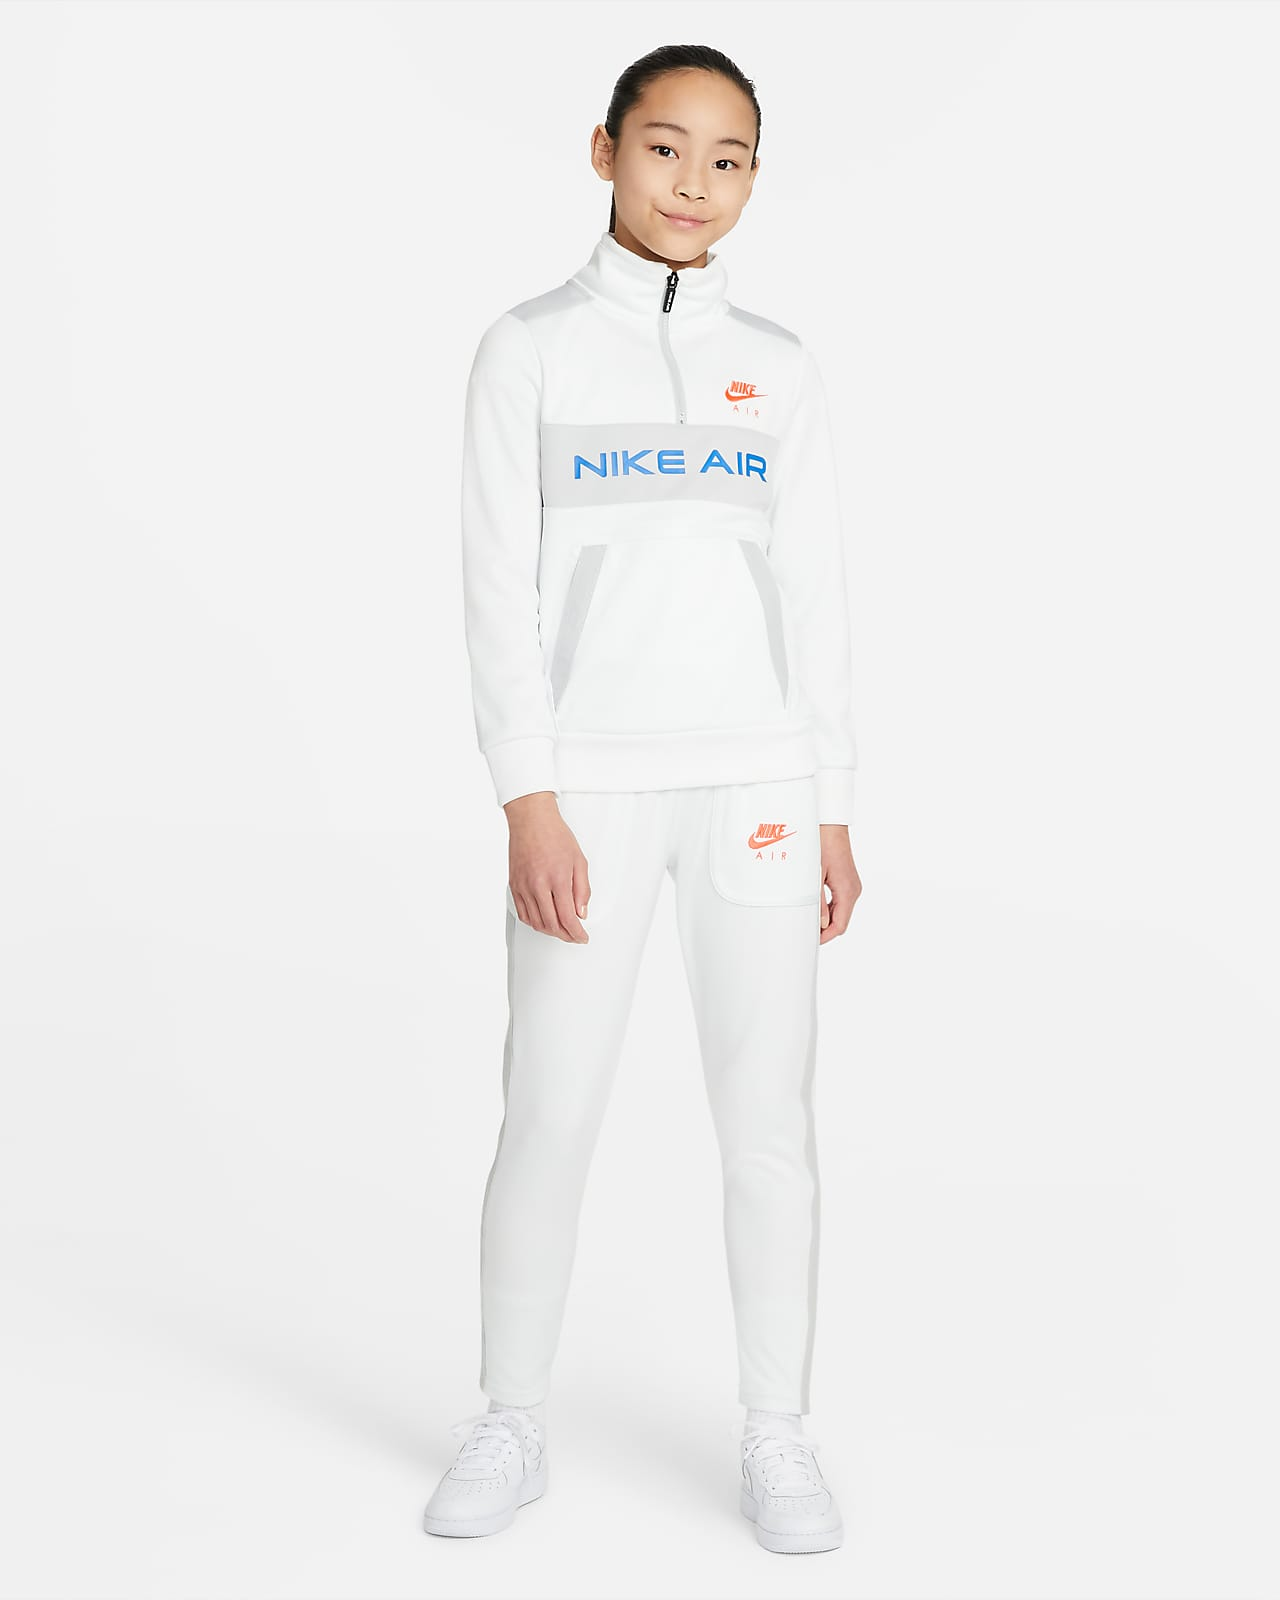 Nike Air 大童套装